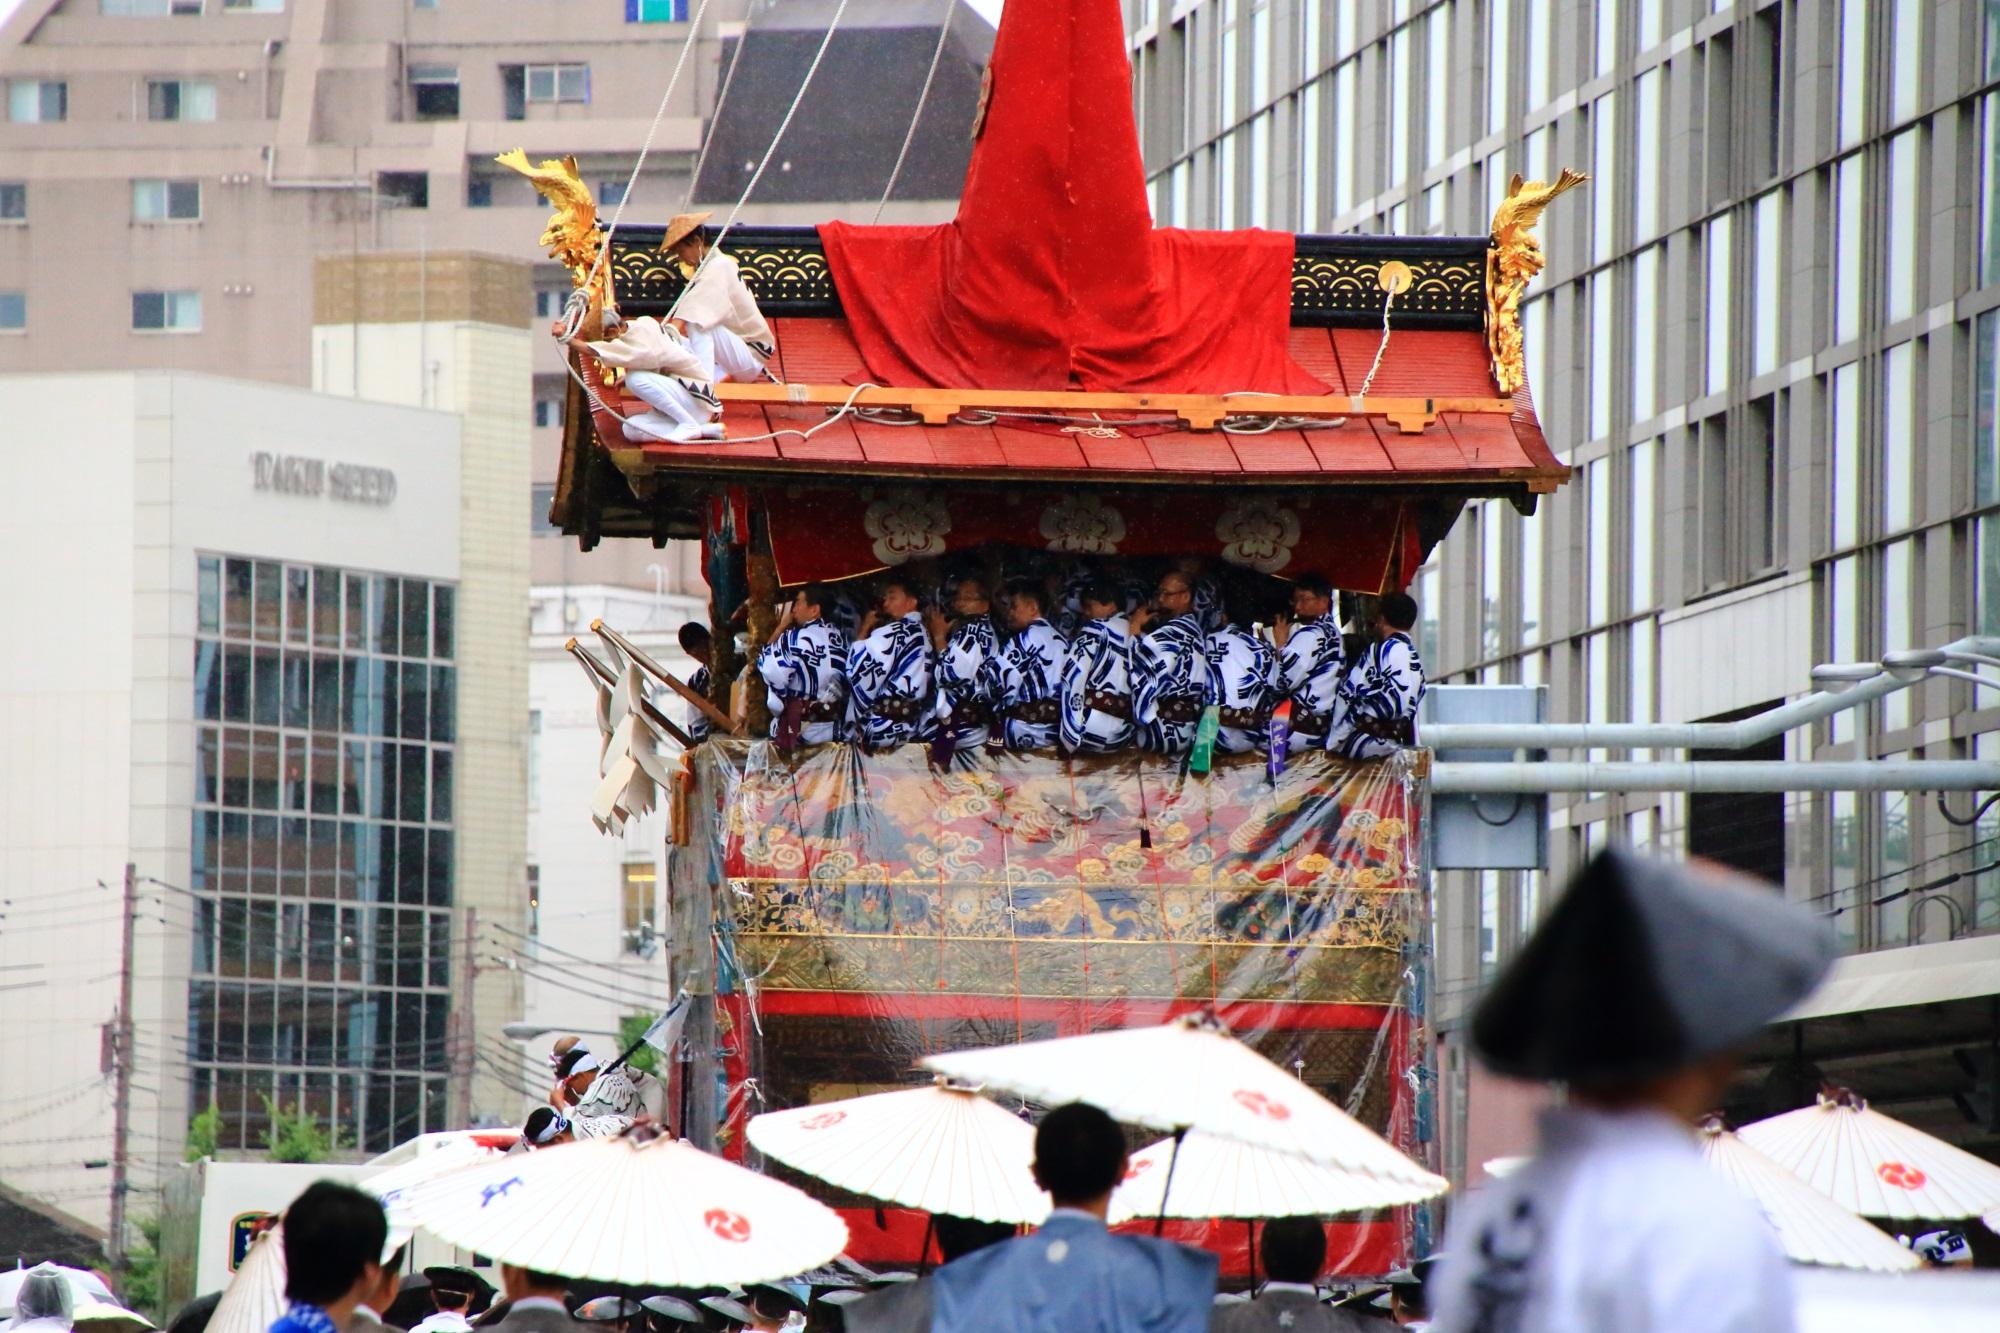 祇園祭の山鉾巡行の長刀鉾(なぎなたほこ)